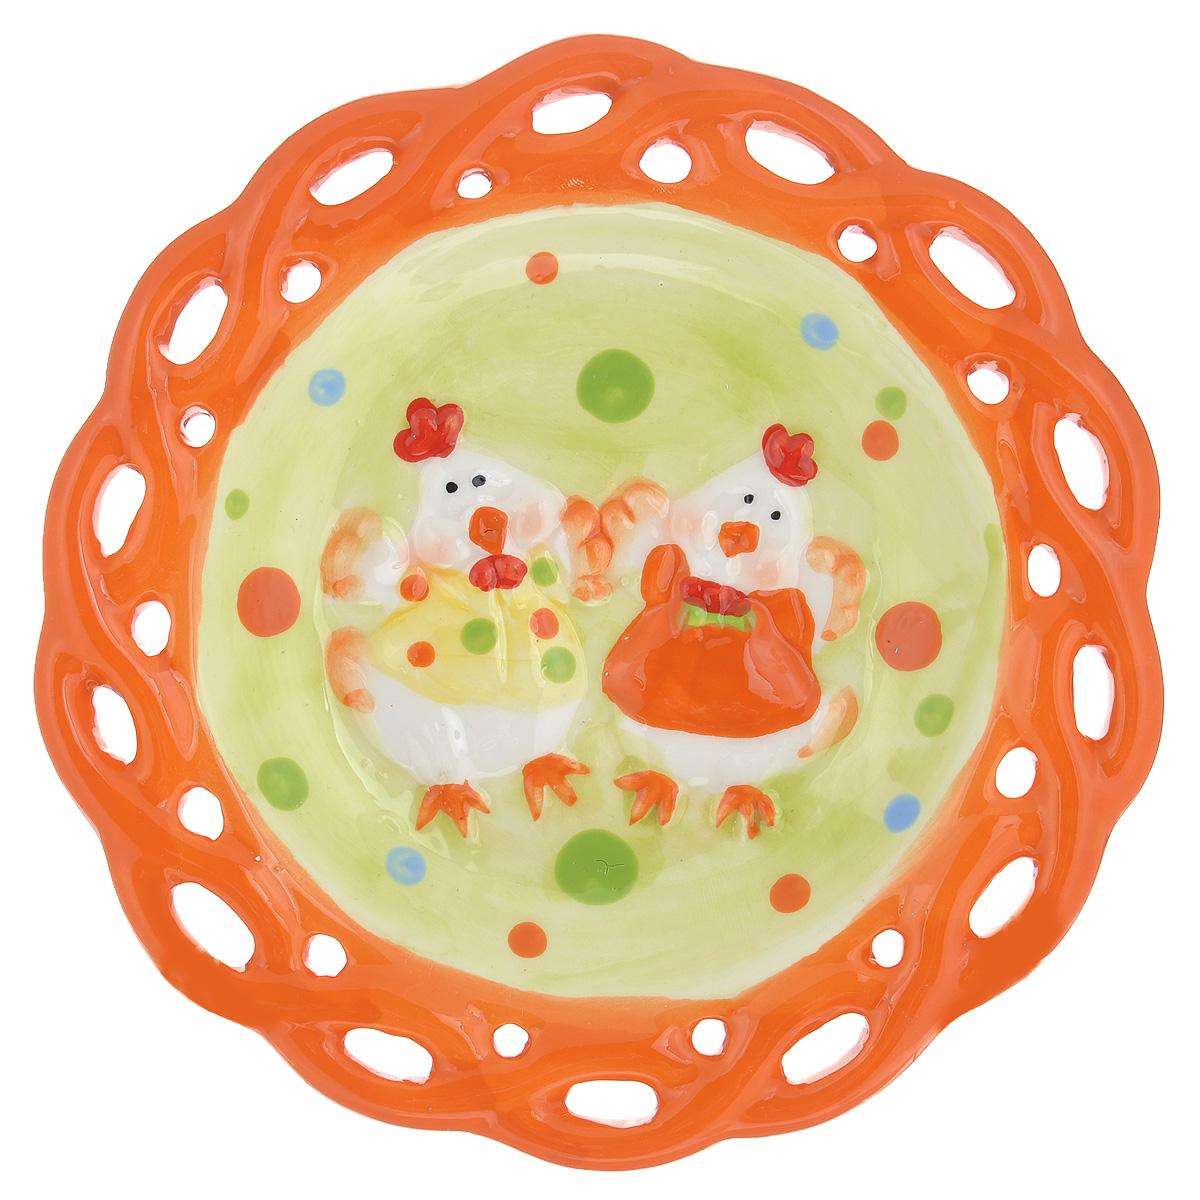 Тарелка Home Queen Цыплята, цвет: желтый, оранжевый, диаметр 17 см46700_2Тарелка Home Queen Цыплята станет оригинальным украшением интерьера на Пасху. Изделие изготовлено из высококачественной керамики и декорировано перфорацией и рельефом в виде цыплят. Тарелка предназначена для подачи куличей и яиц. Такая тарелка станет красивым пасхальным подарком для друзей или близких. Диаметр тарелки: 17 см. Высота тарелки: 2,5 см.